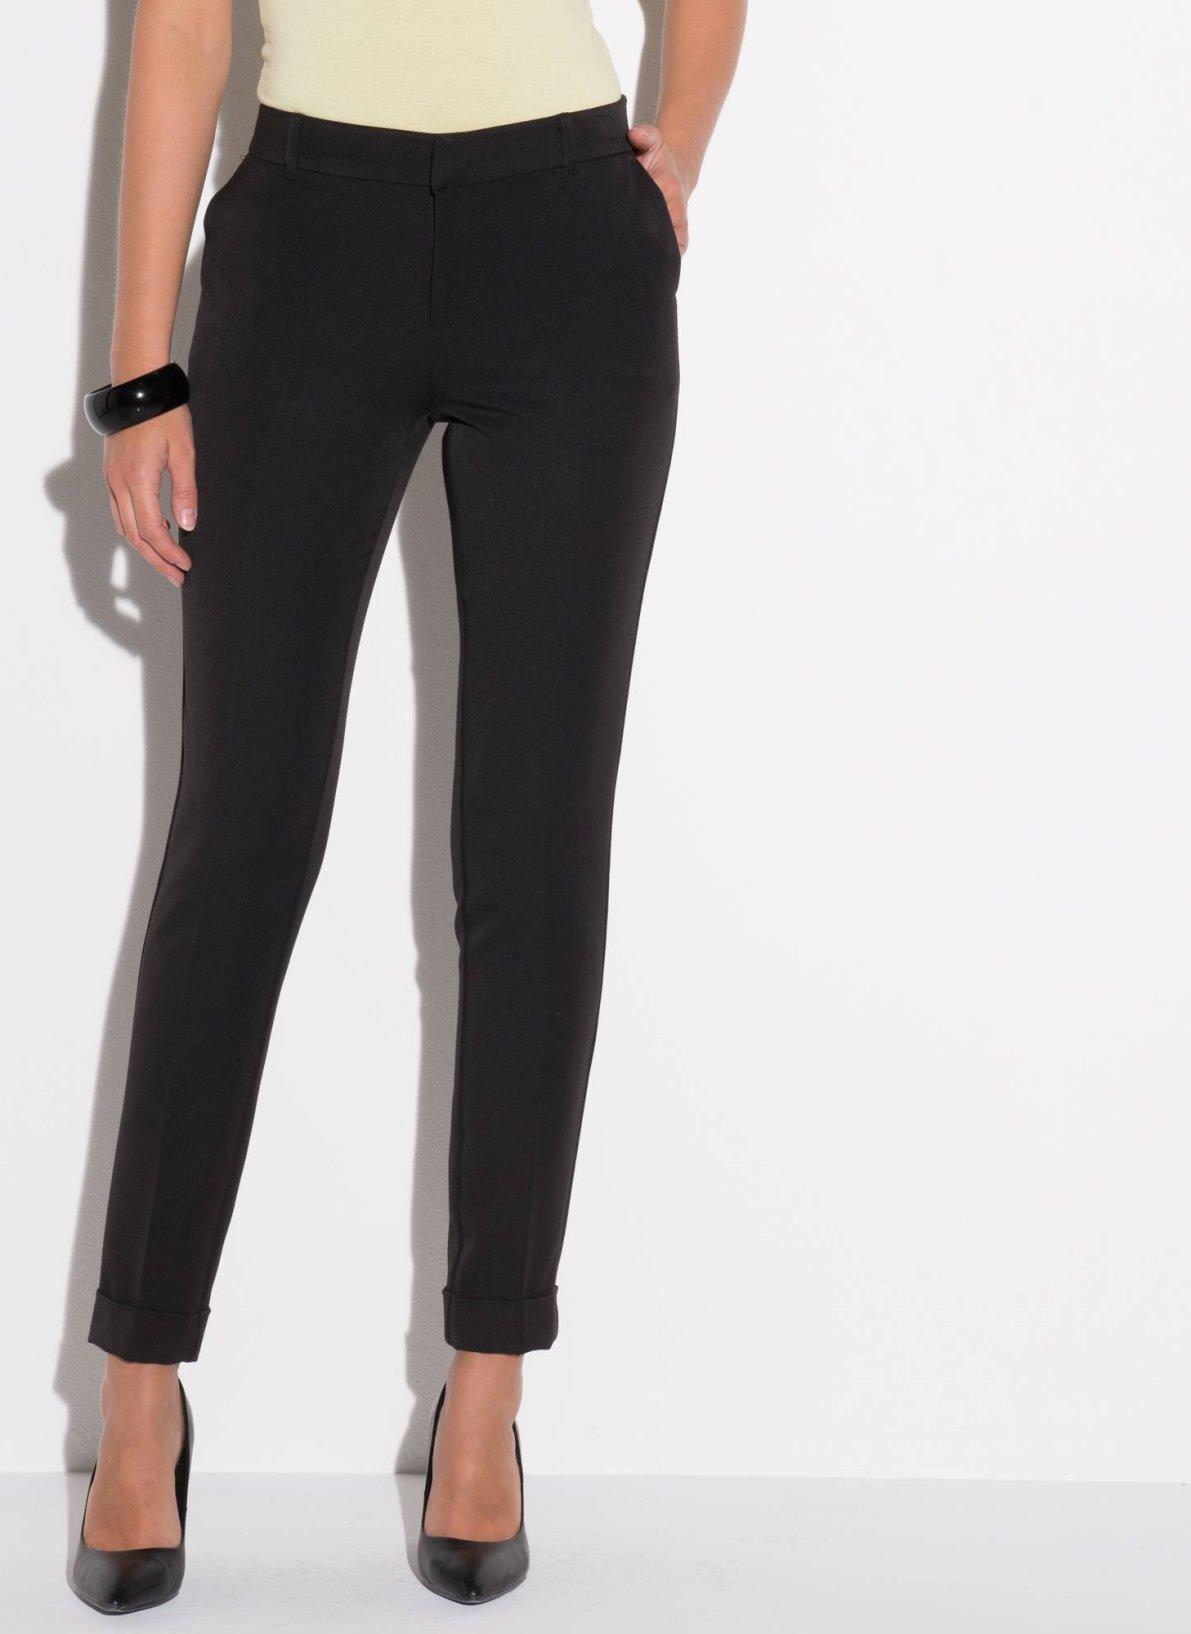 pantalon femme pourquoi j 39 aime le porter pour une journ e du bureau ou une sortie. Black Bedroom Furniture Sets. Home Design Ideas